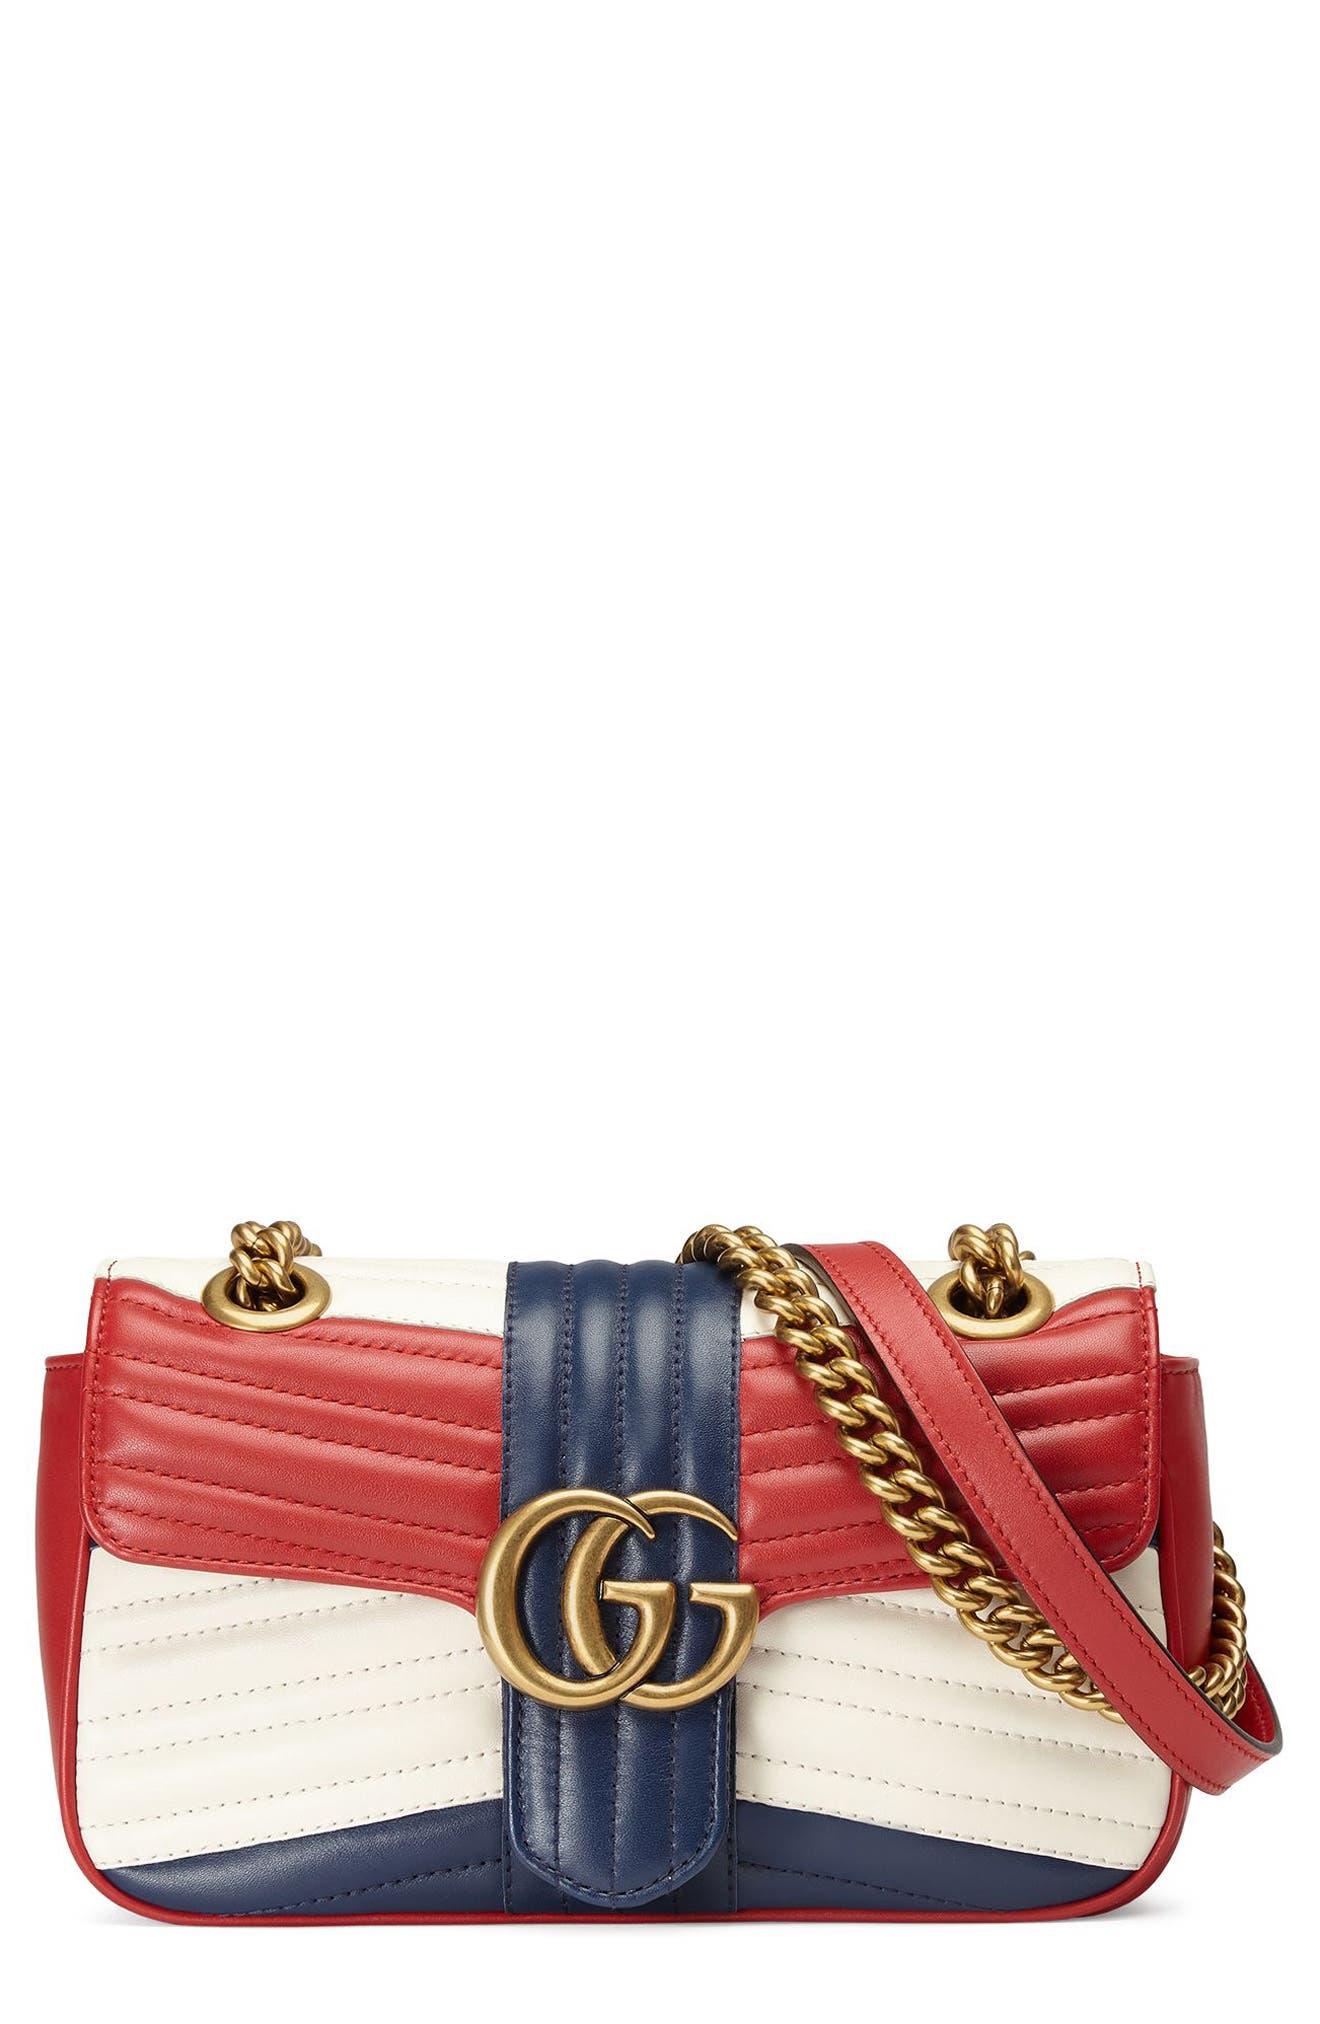 Alternate Image 1 Selected - Gucci Mini GG Marmont 2.0 Tricolor Matelassé Leather Shoulder Bag